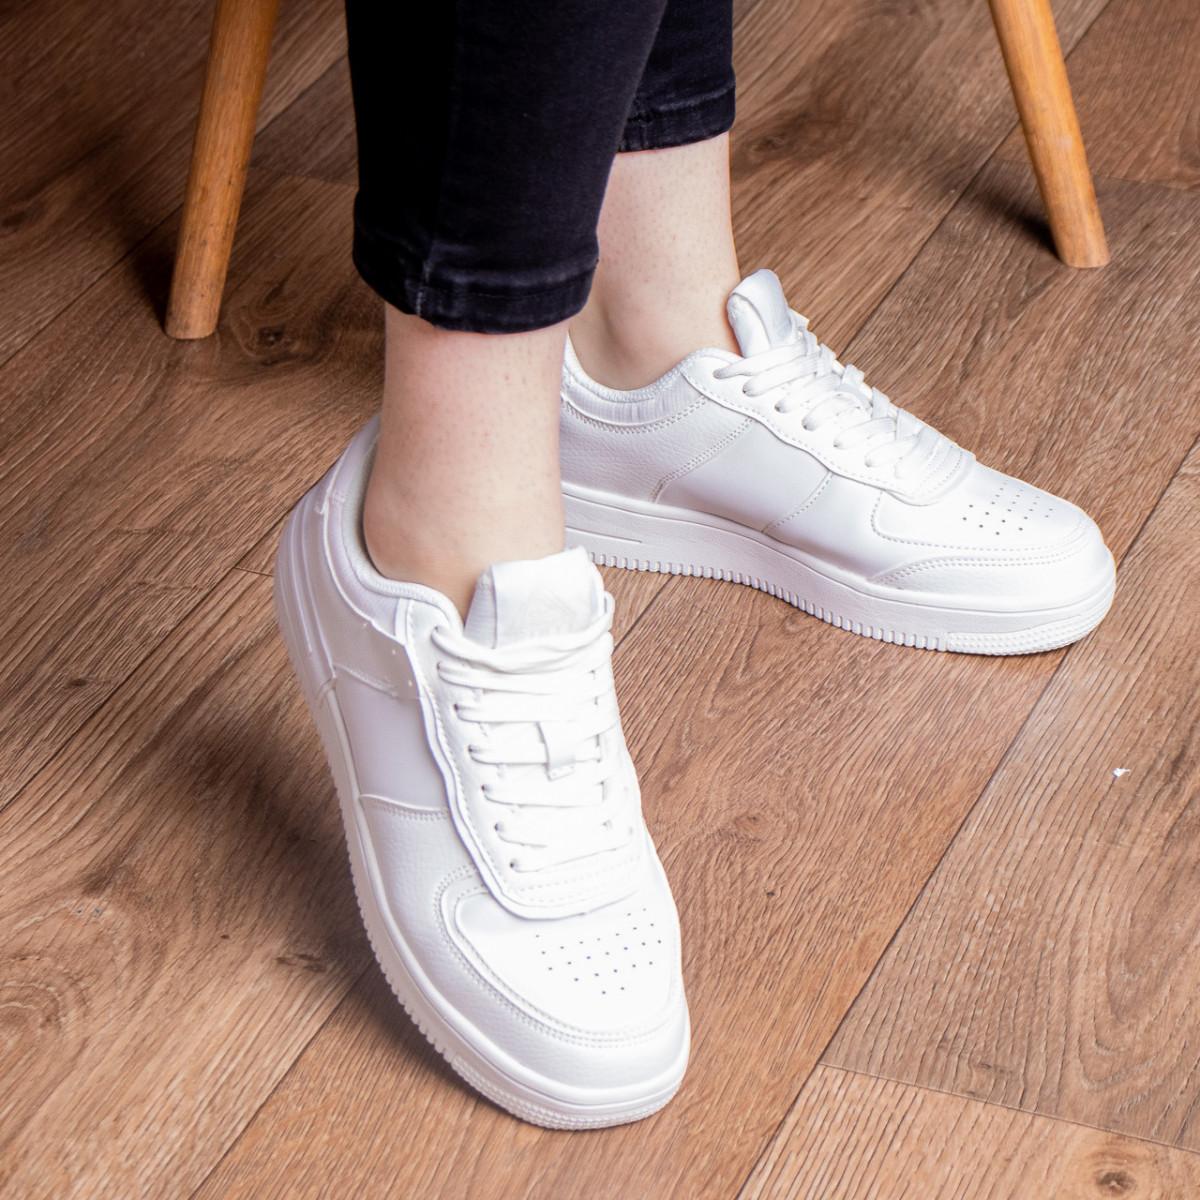 Кроссовки женские Fashion Croc 2202 36 размер 23 см Белый